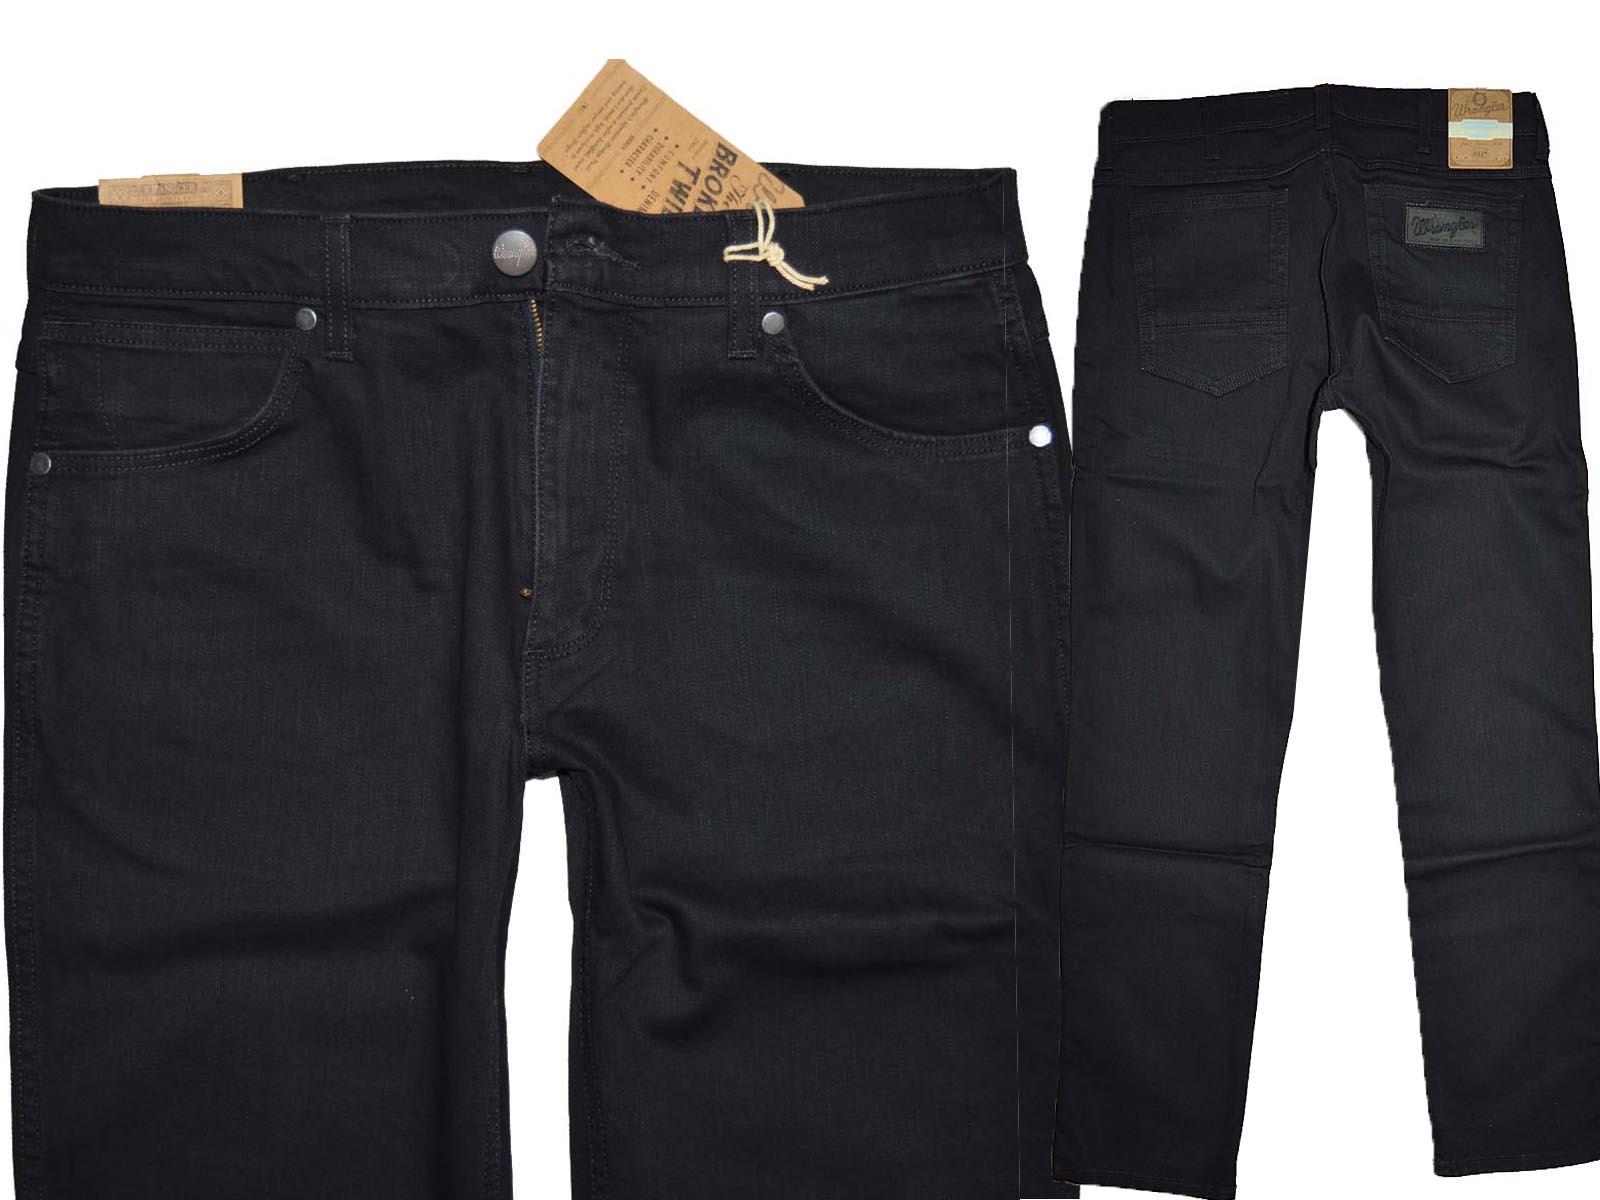 WRANGLER GREENSBORO spodnie W15Q-NP-023 W29 L34